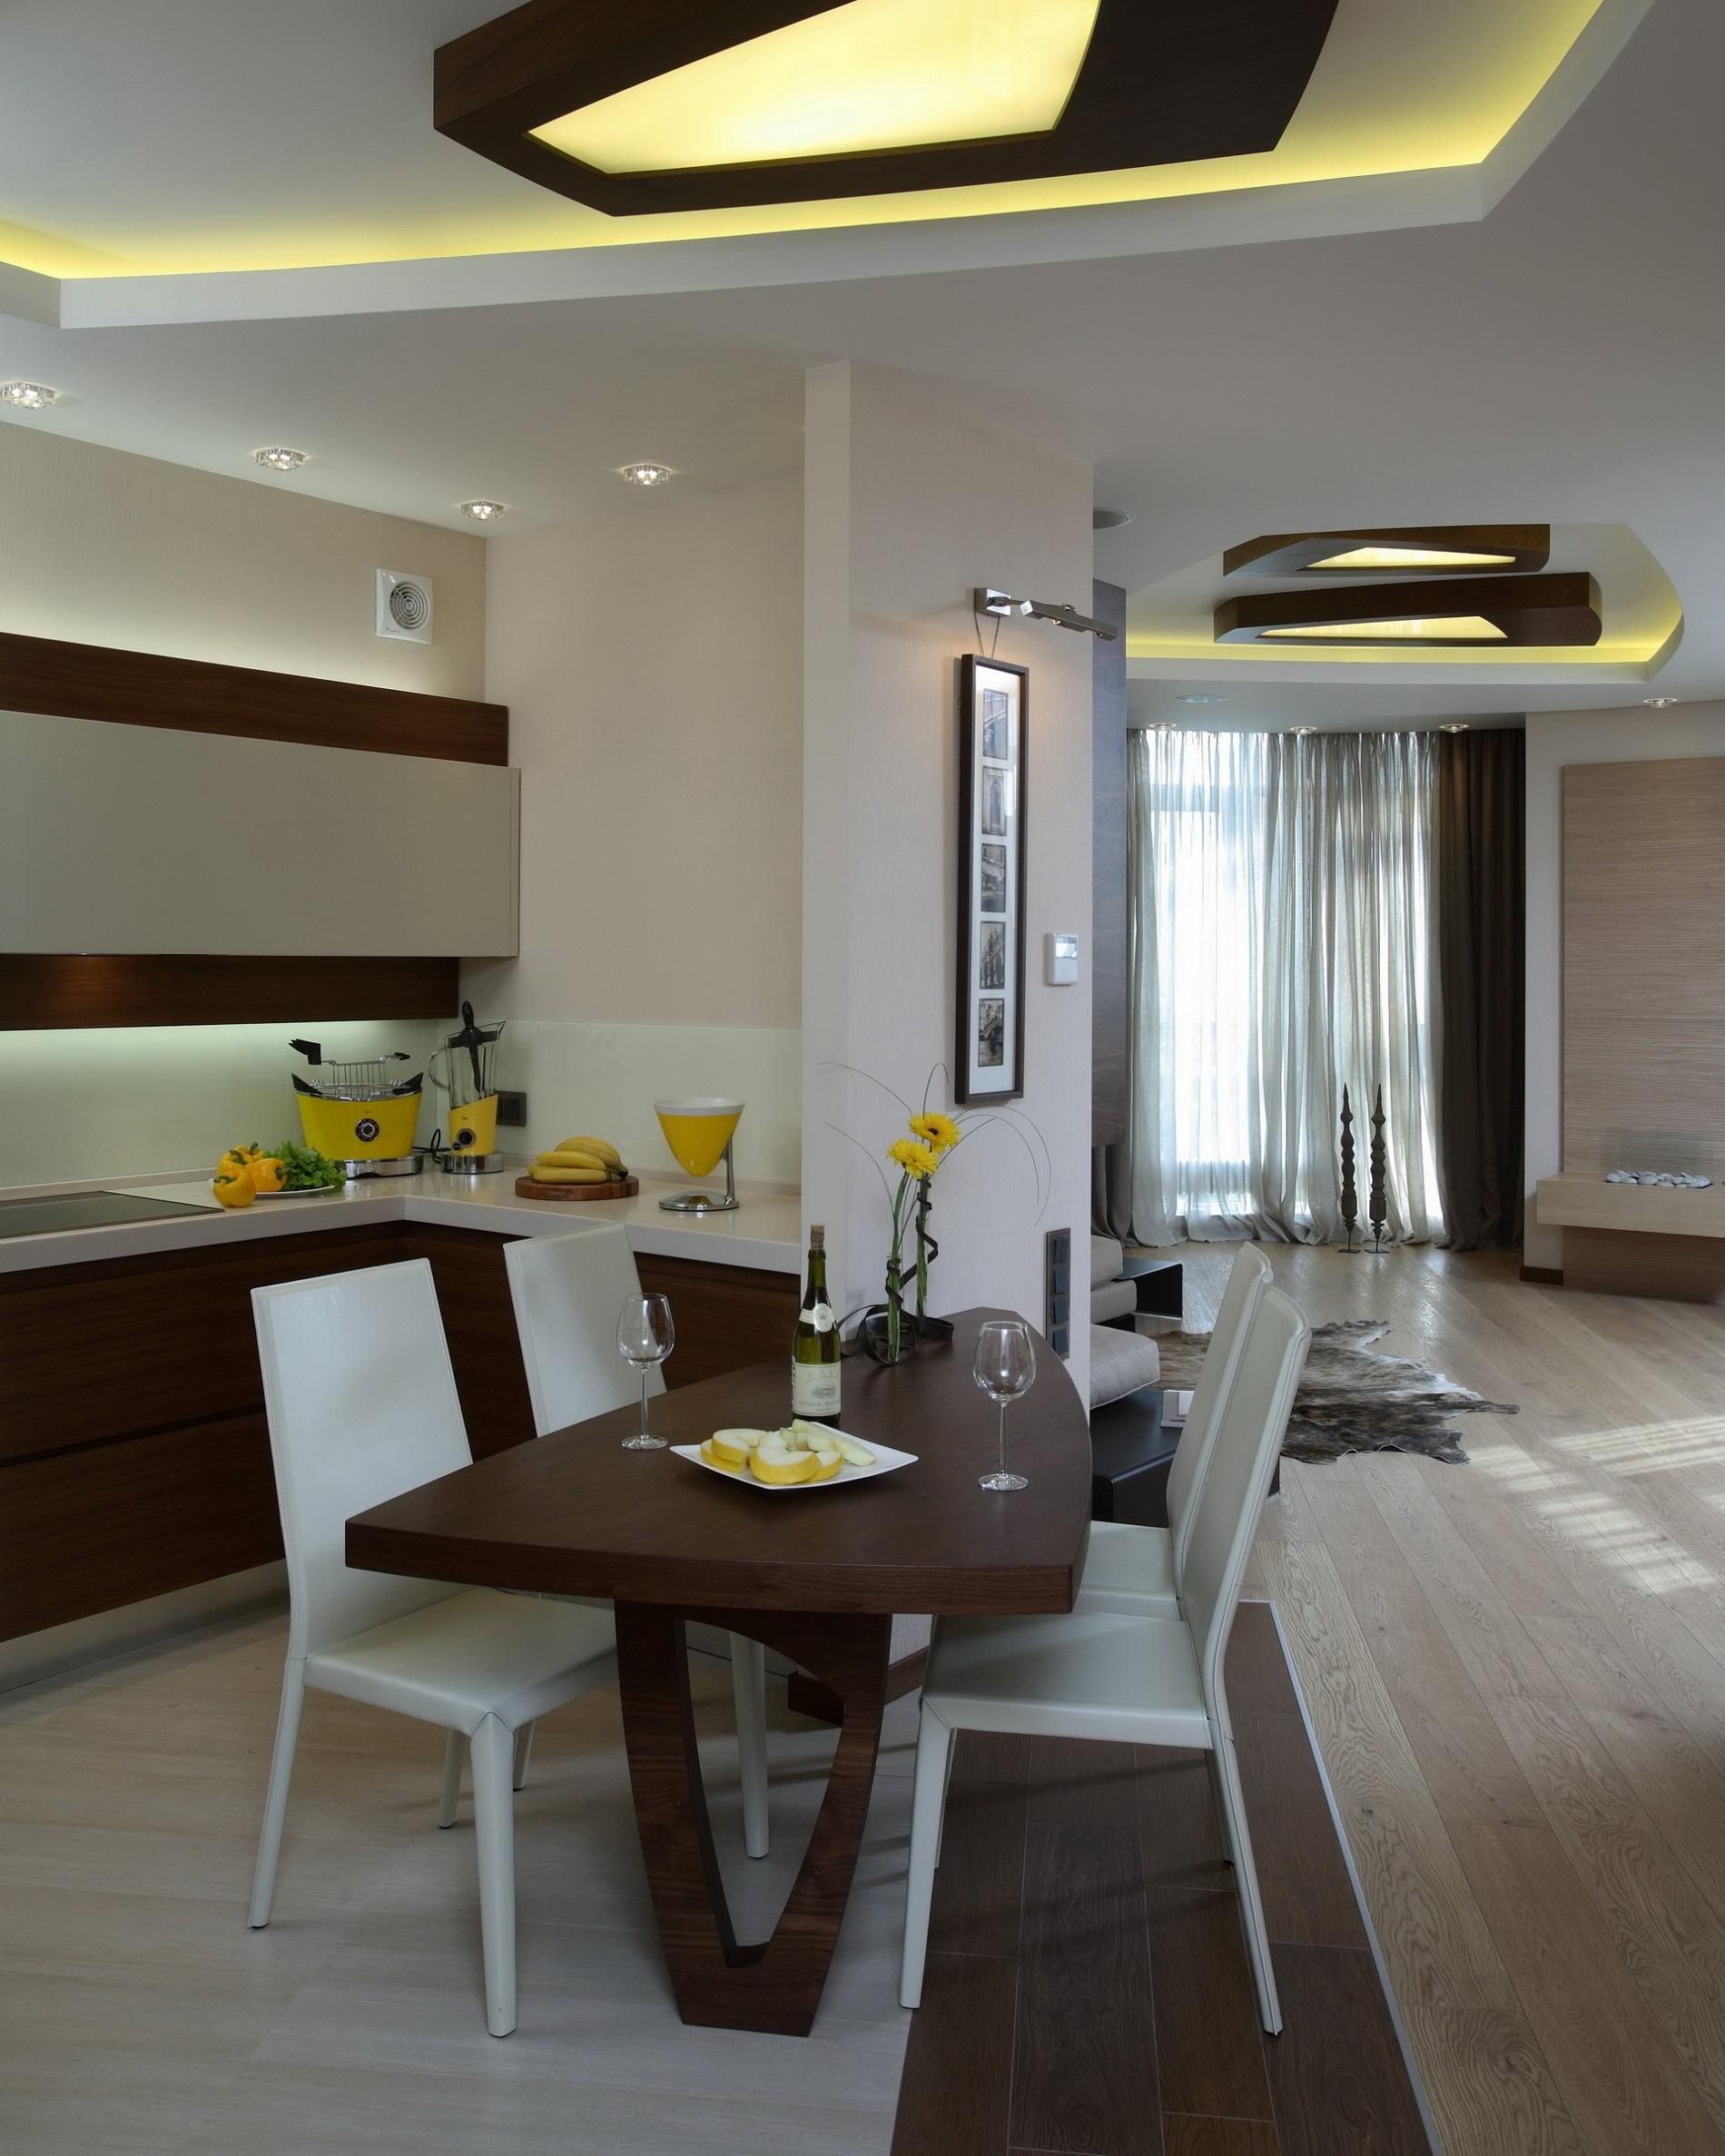 Квартира в современно стиле от студии artdefacto